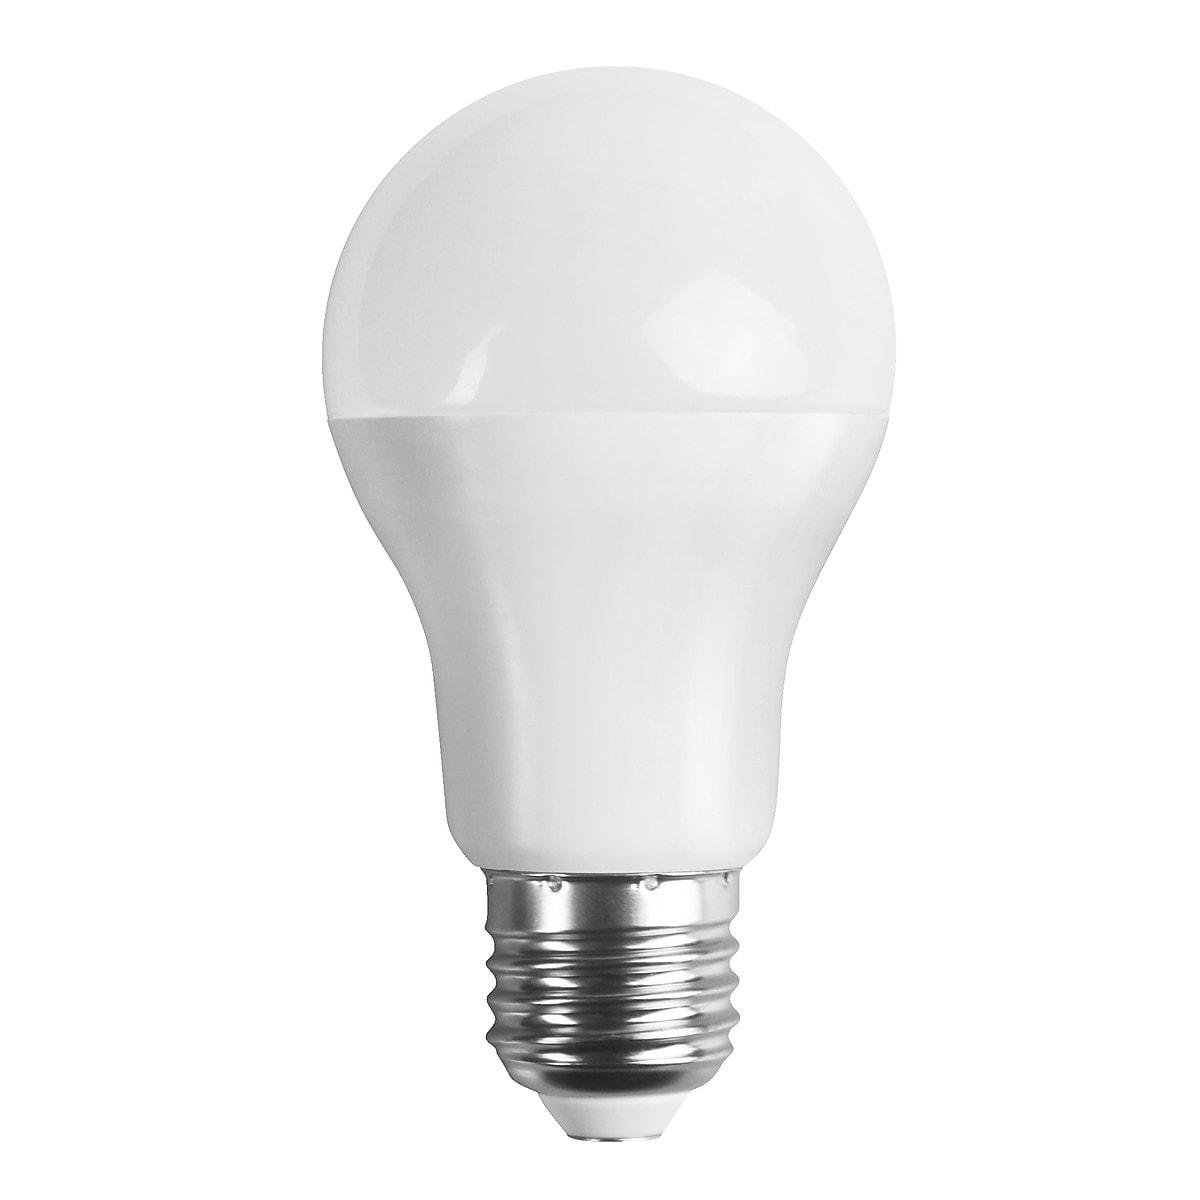 Northlight LED-pære med bevegelsessensor